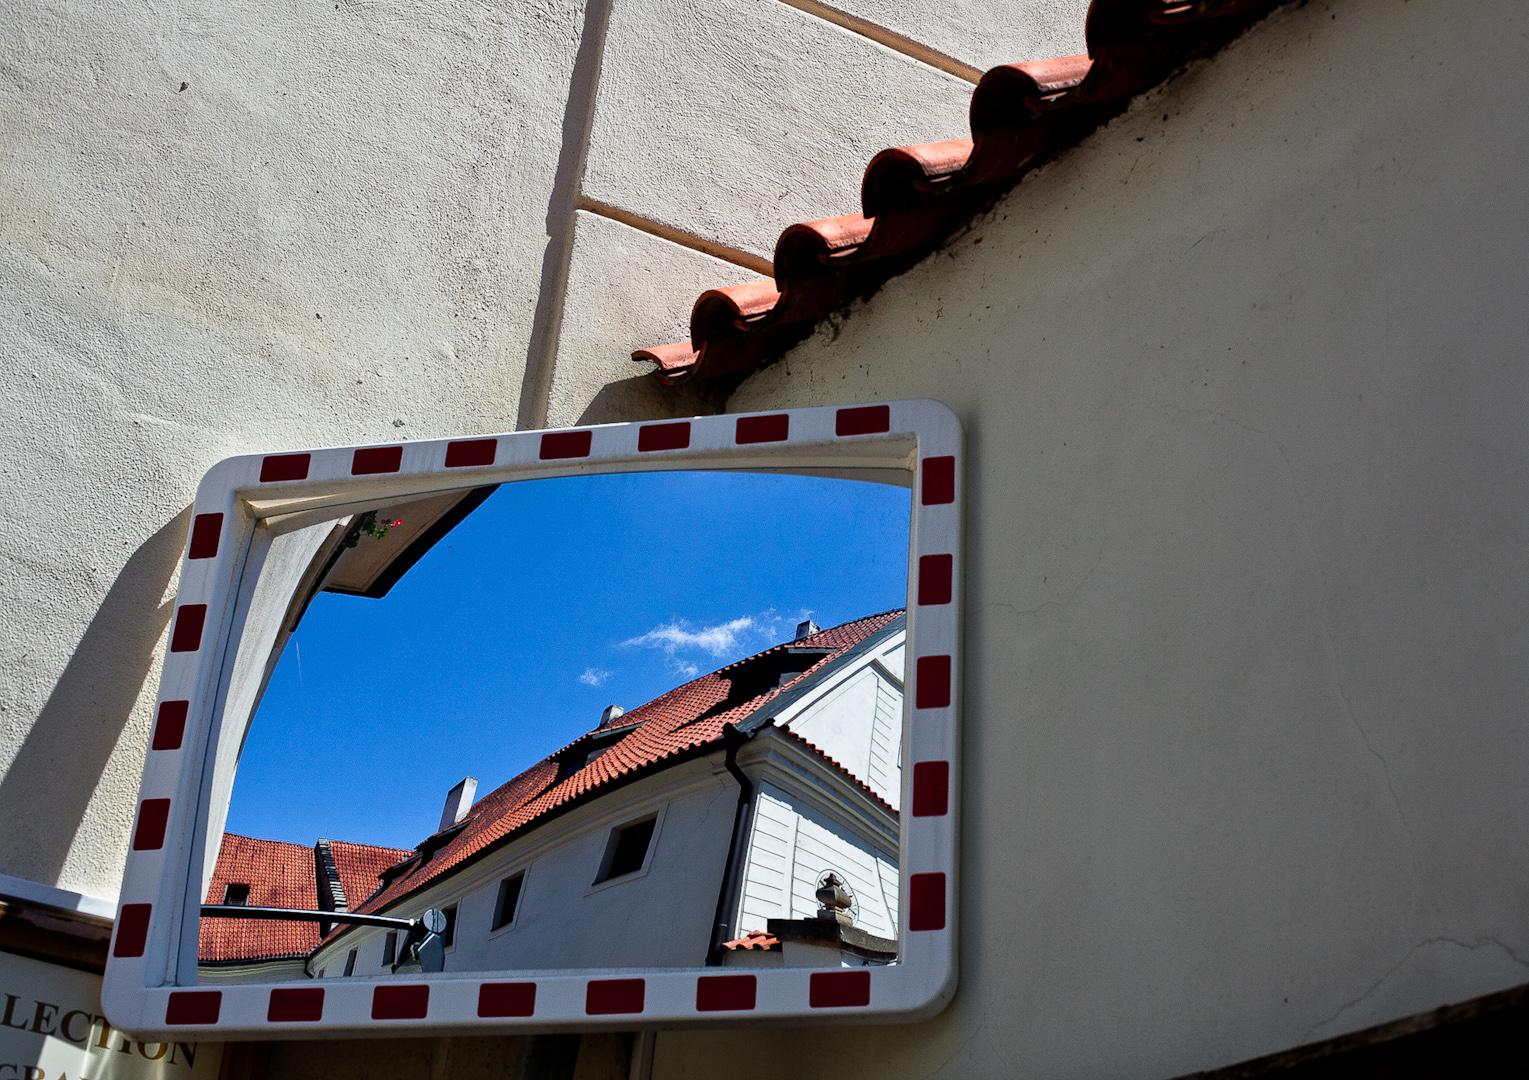 003_Prague.jpg